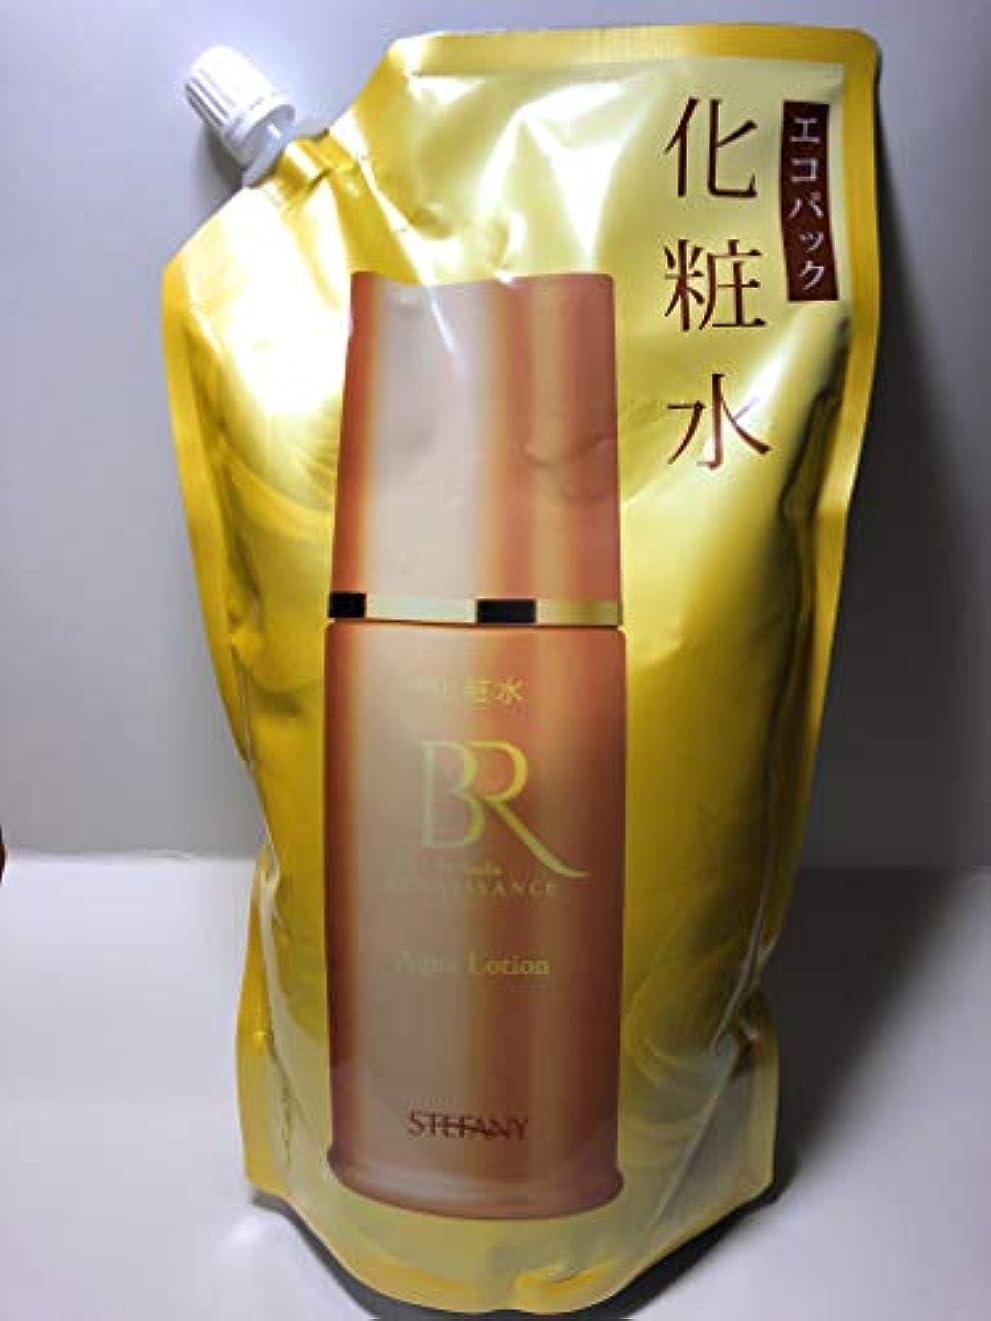 ふりをする立場法的ステファニー化粧品 美肌ルネッサンス アクアローション エコパック 732ml